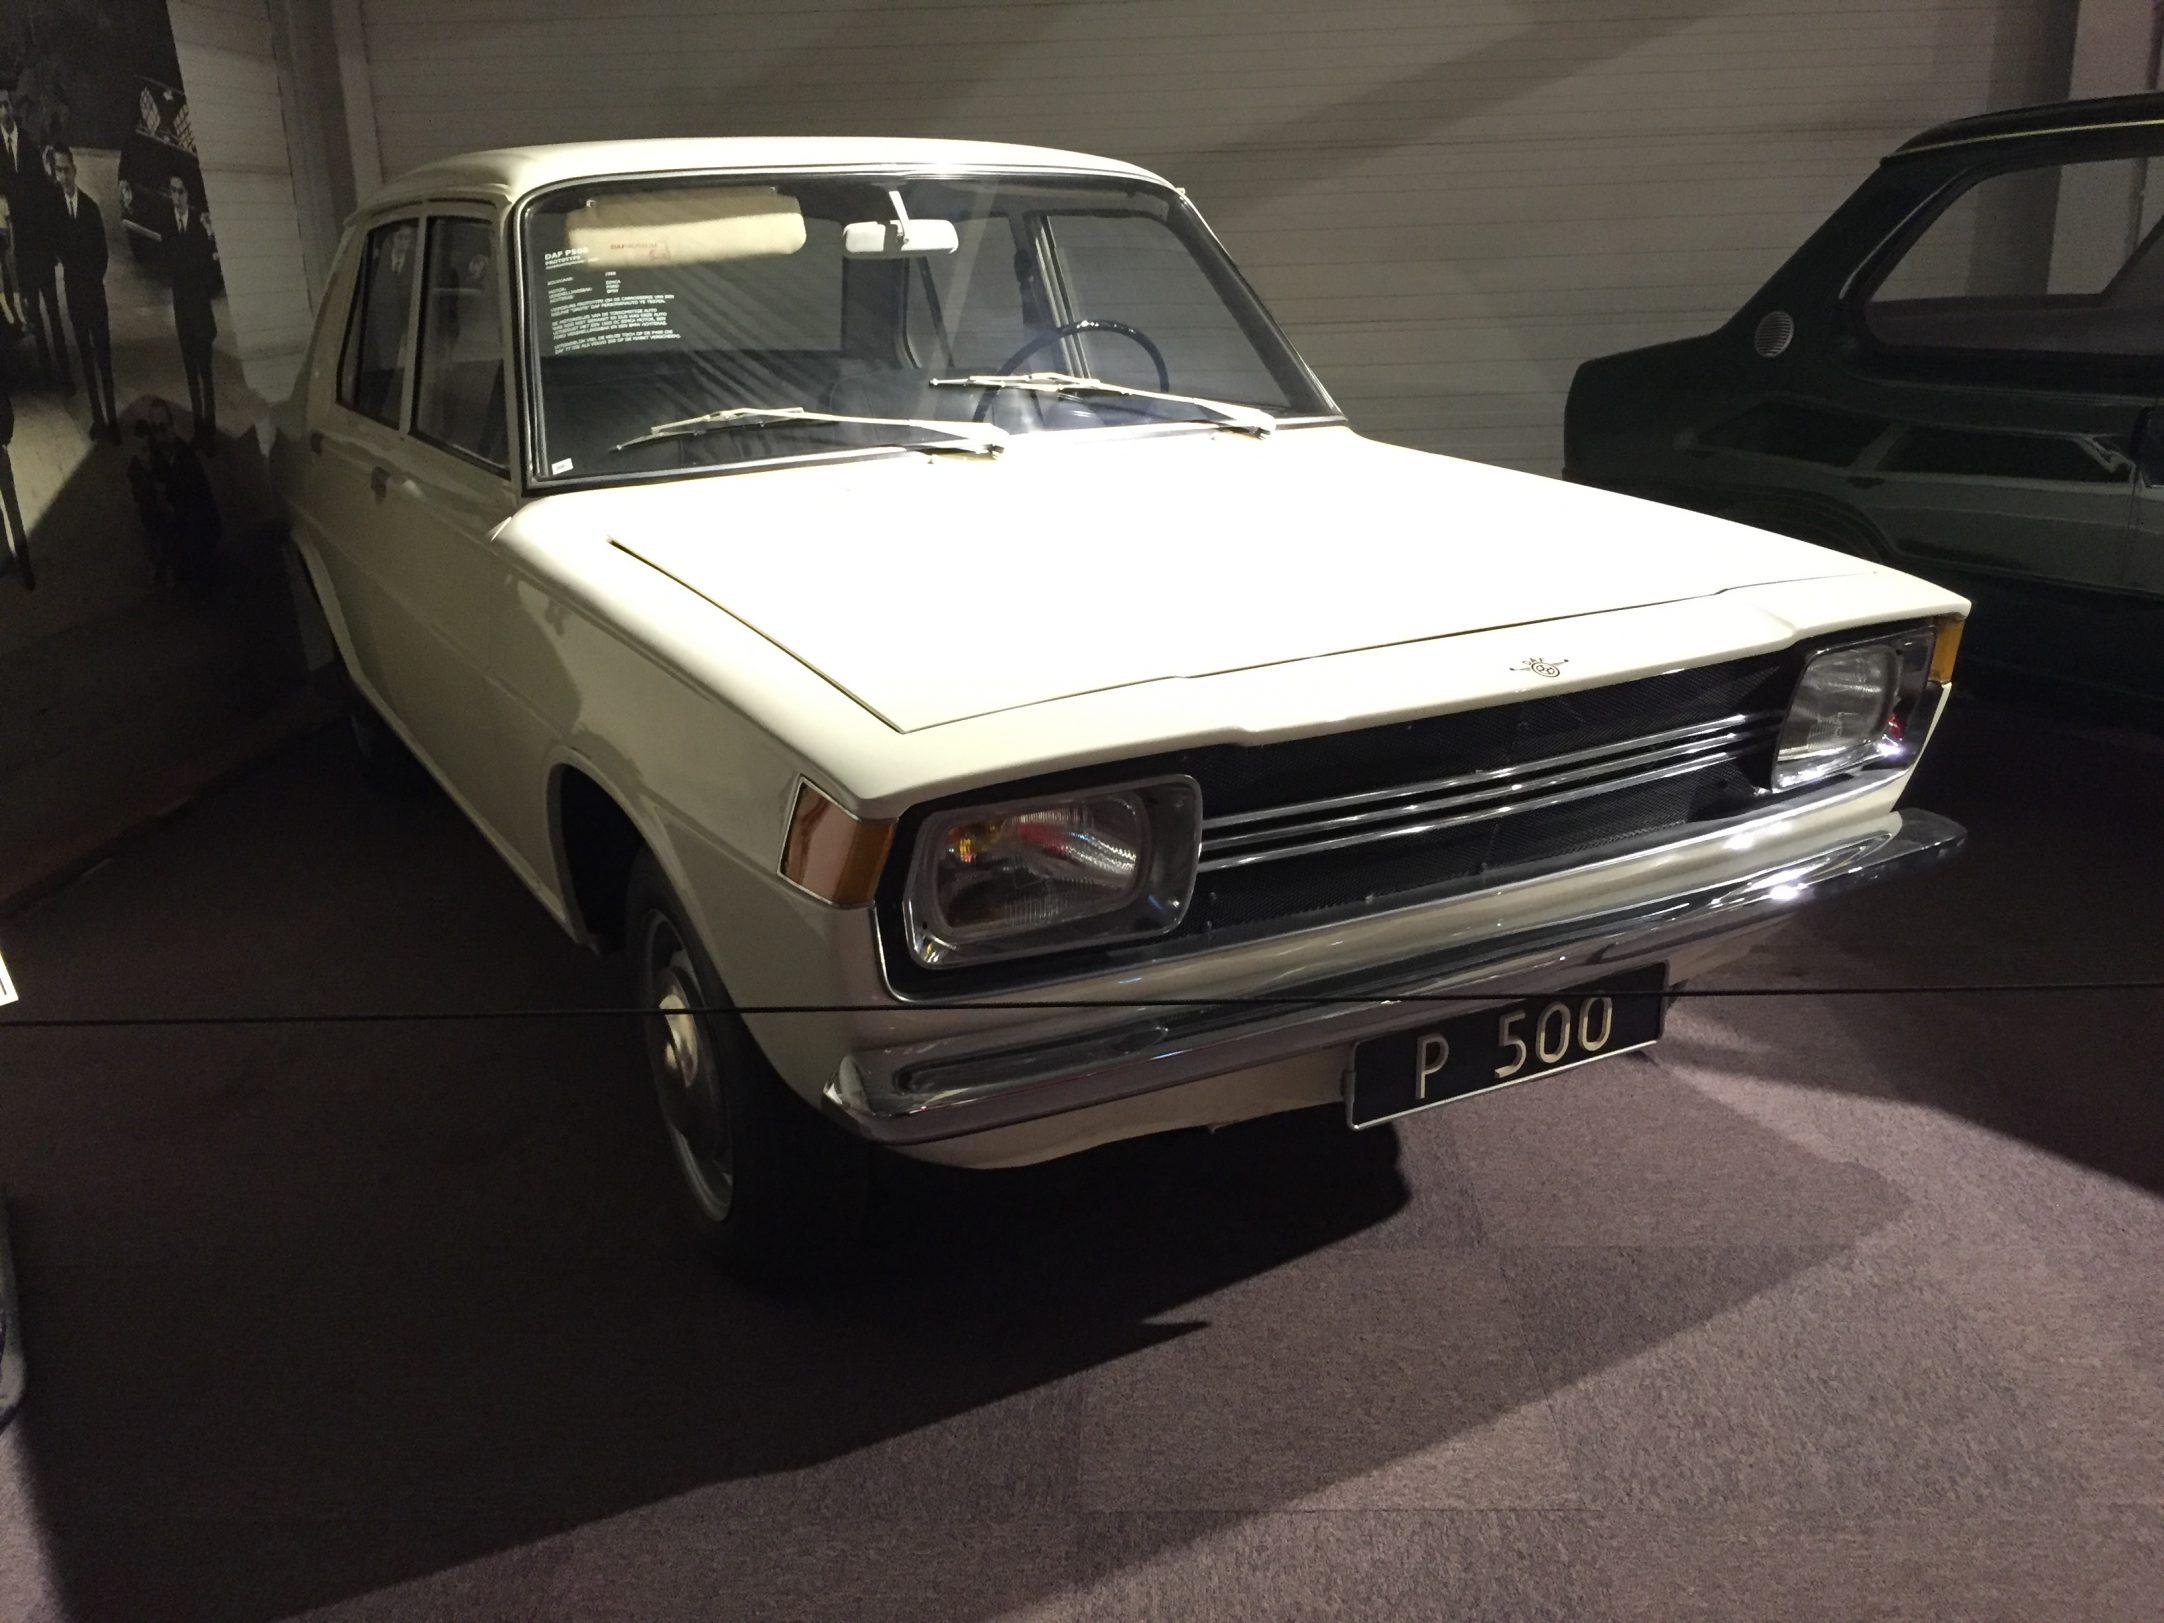 Daf P500 Daf Museum